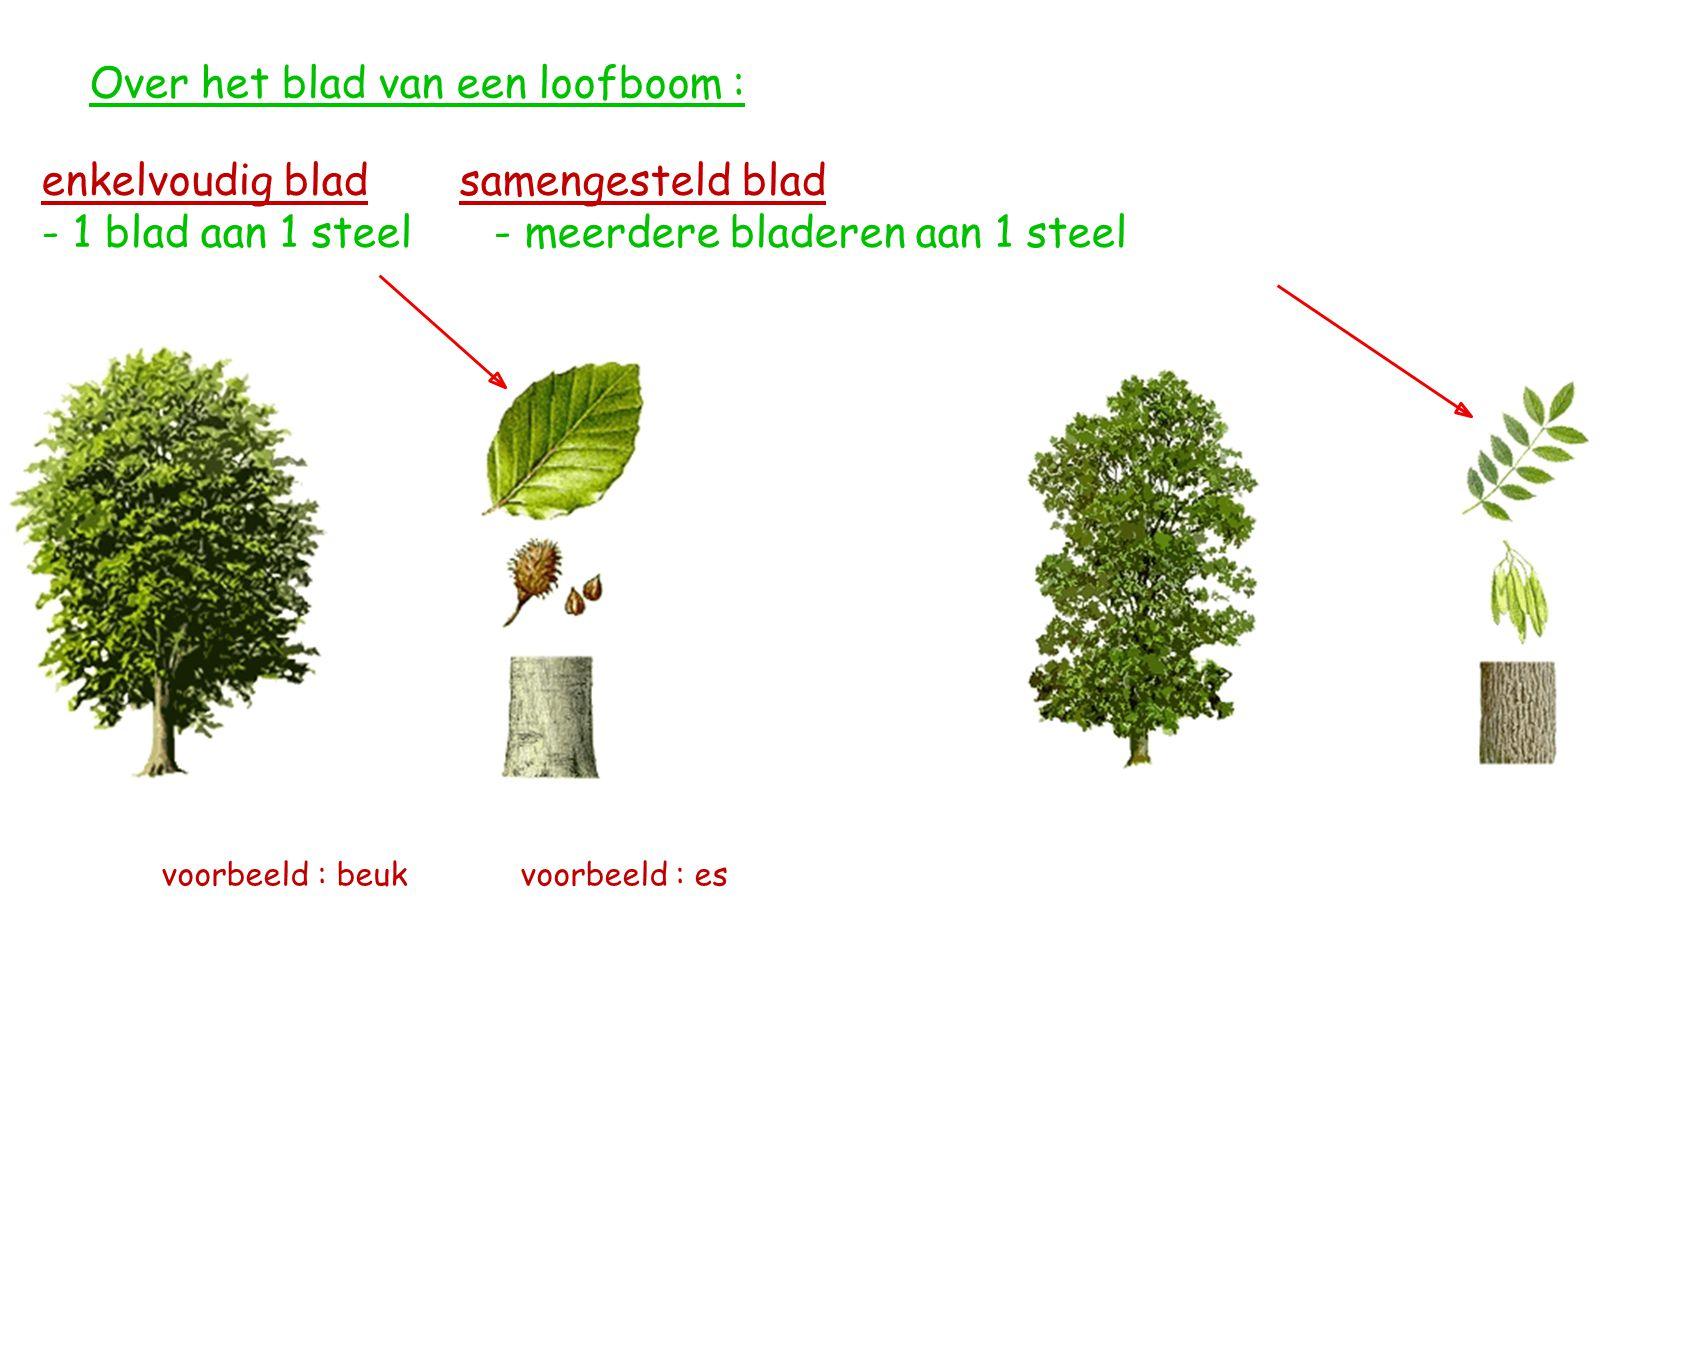 Over het blad van een loofboom : enkelvoudig blad samengesteld blad - 1 blad aan 1 steel - meerdere bladeren aan 1 steel voorbeeld : beuk voorbeeld :